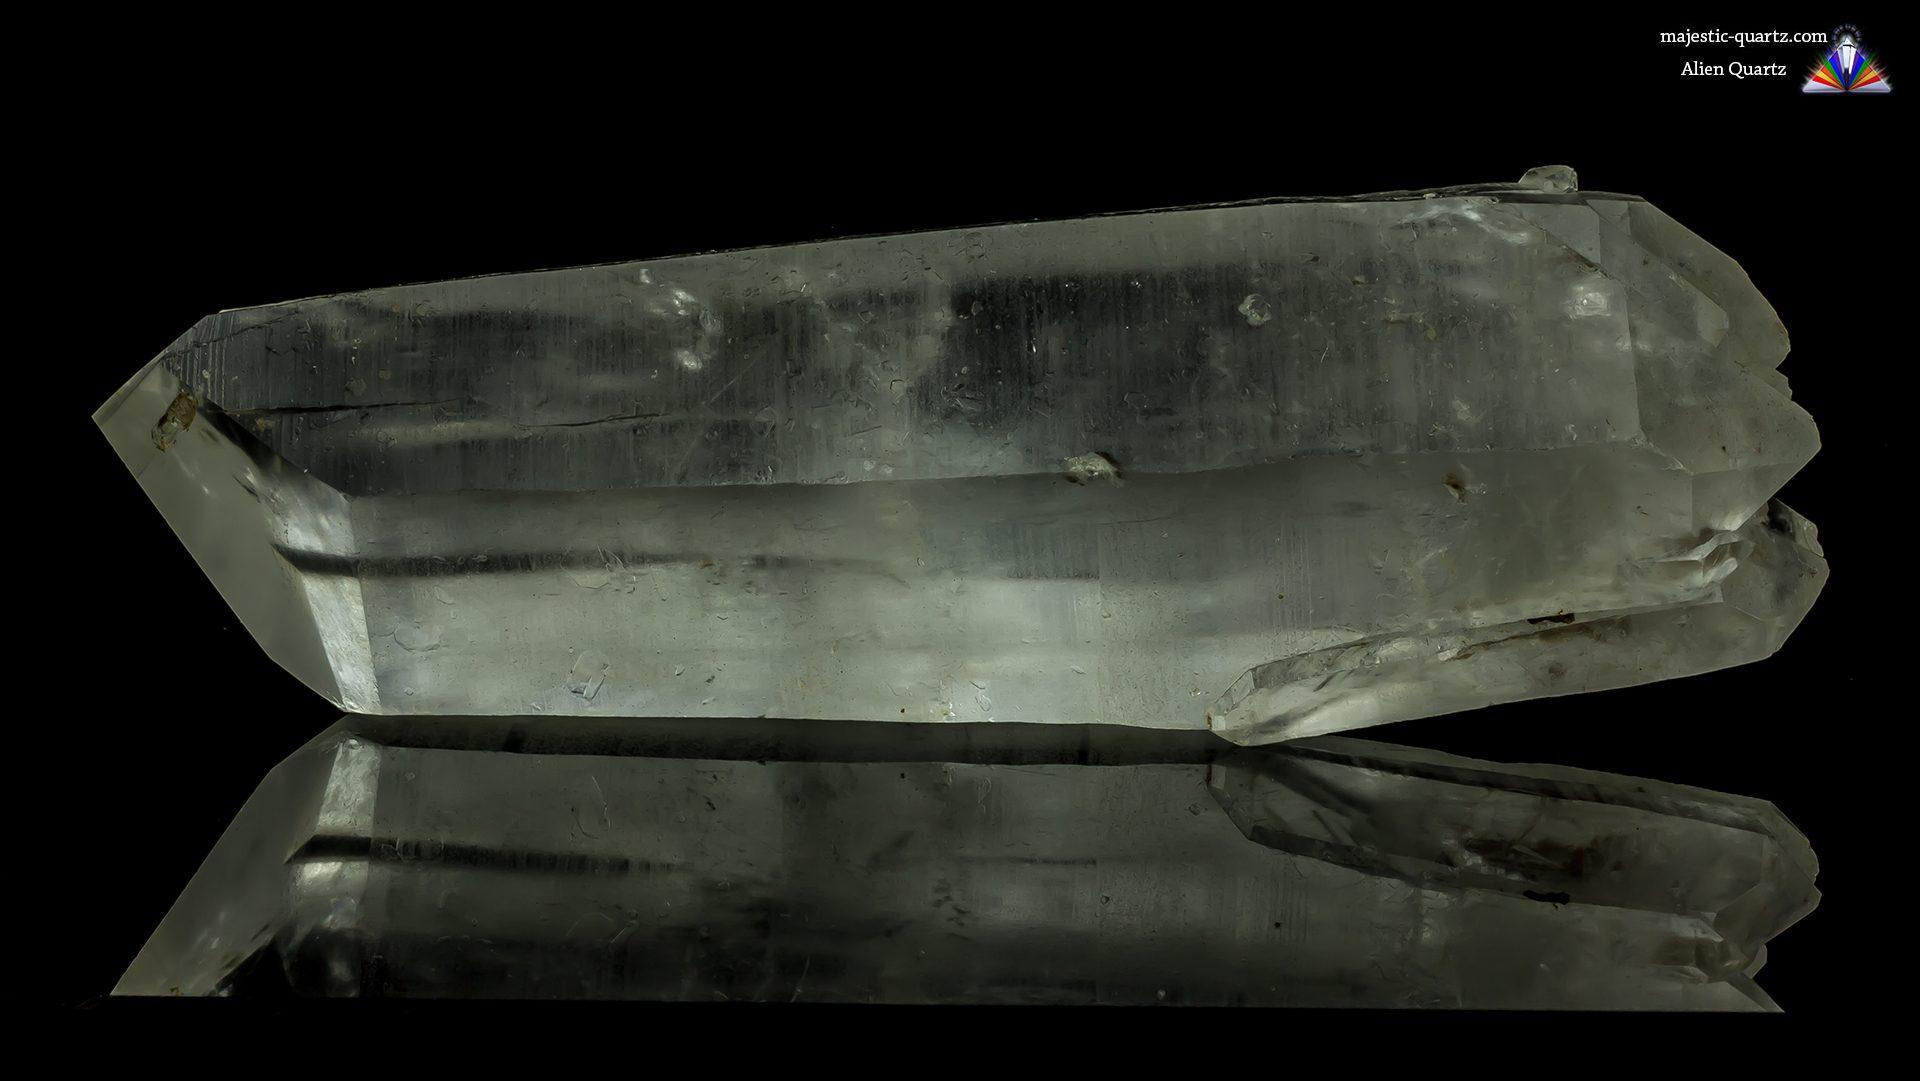 Smoky Alien Quartz Crystal Specimen - Photograph by Anthony Bradford